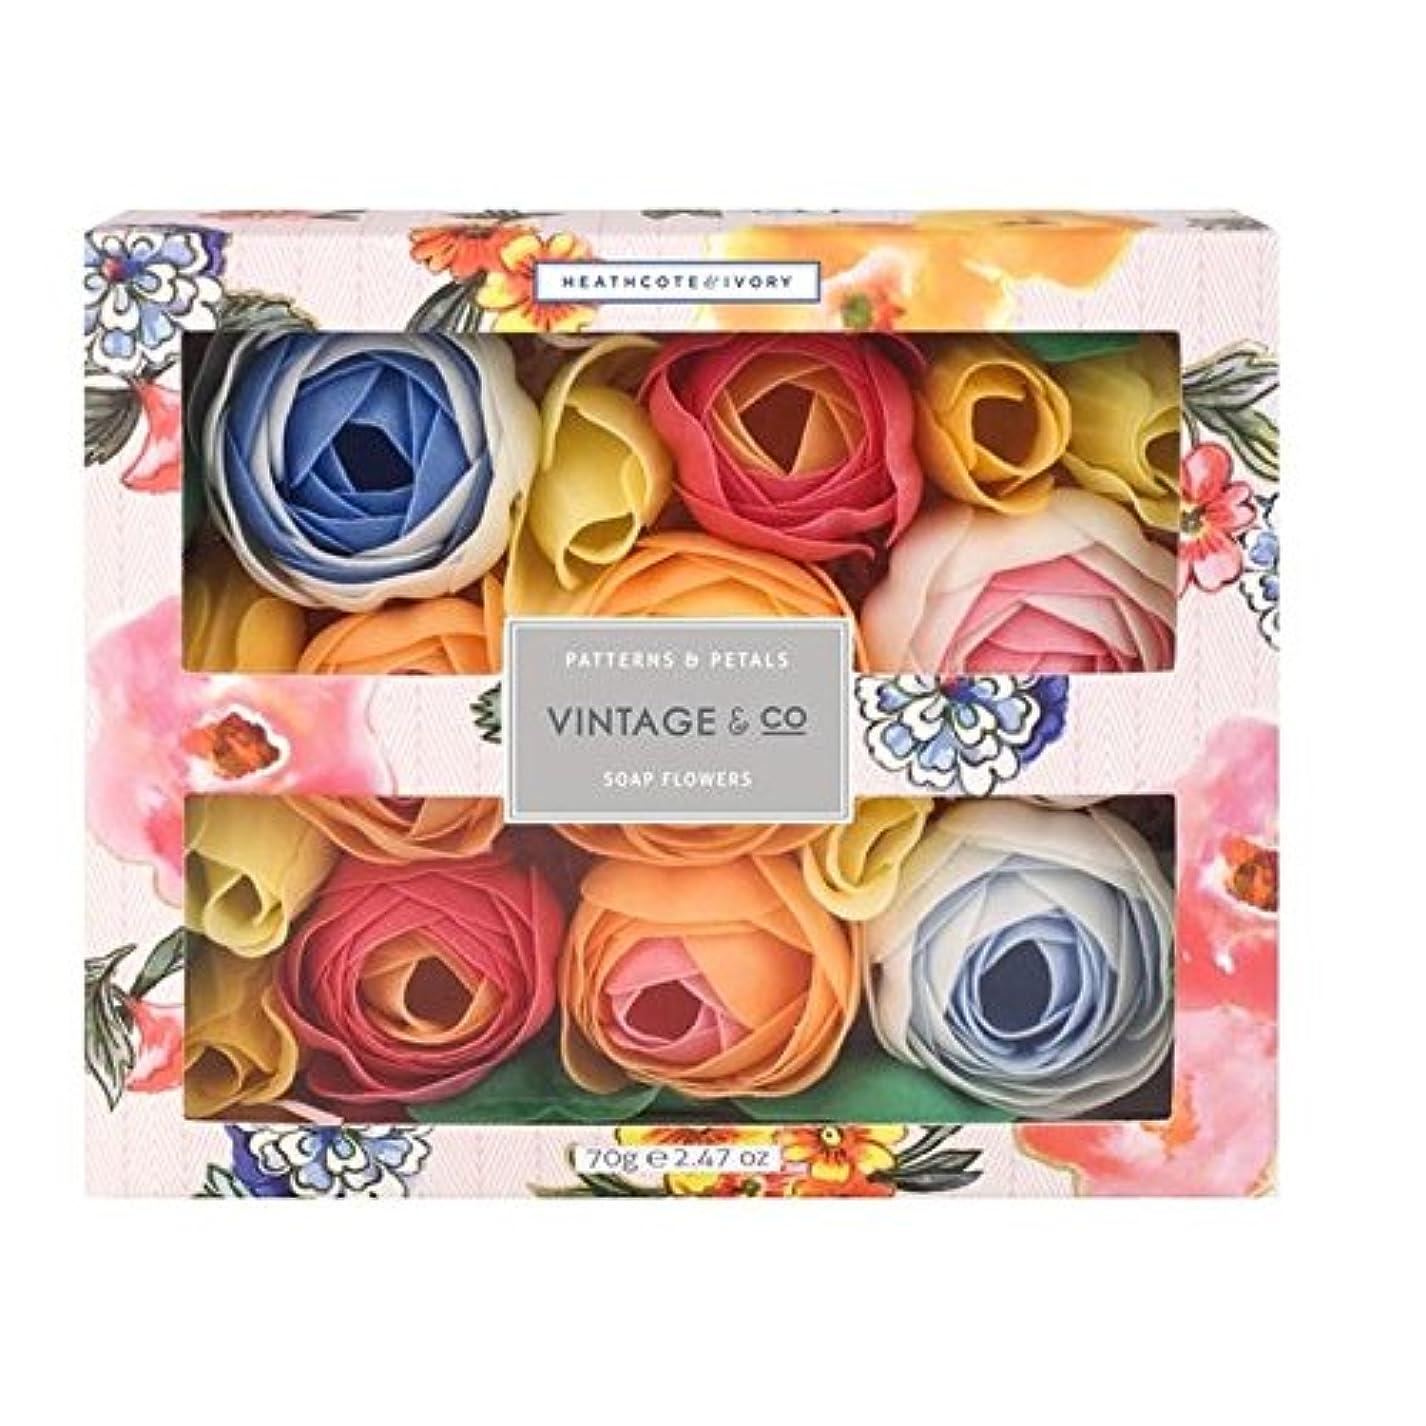 裸噴出する今Heathcote & Ivory Patterns & Petals Soap Flowers 70g (Pack of 6) - ヒースコート&アイボリーパターン&花びら石鹸の花70グラム x6 [並行輸入品]